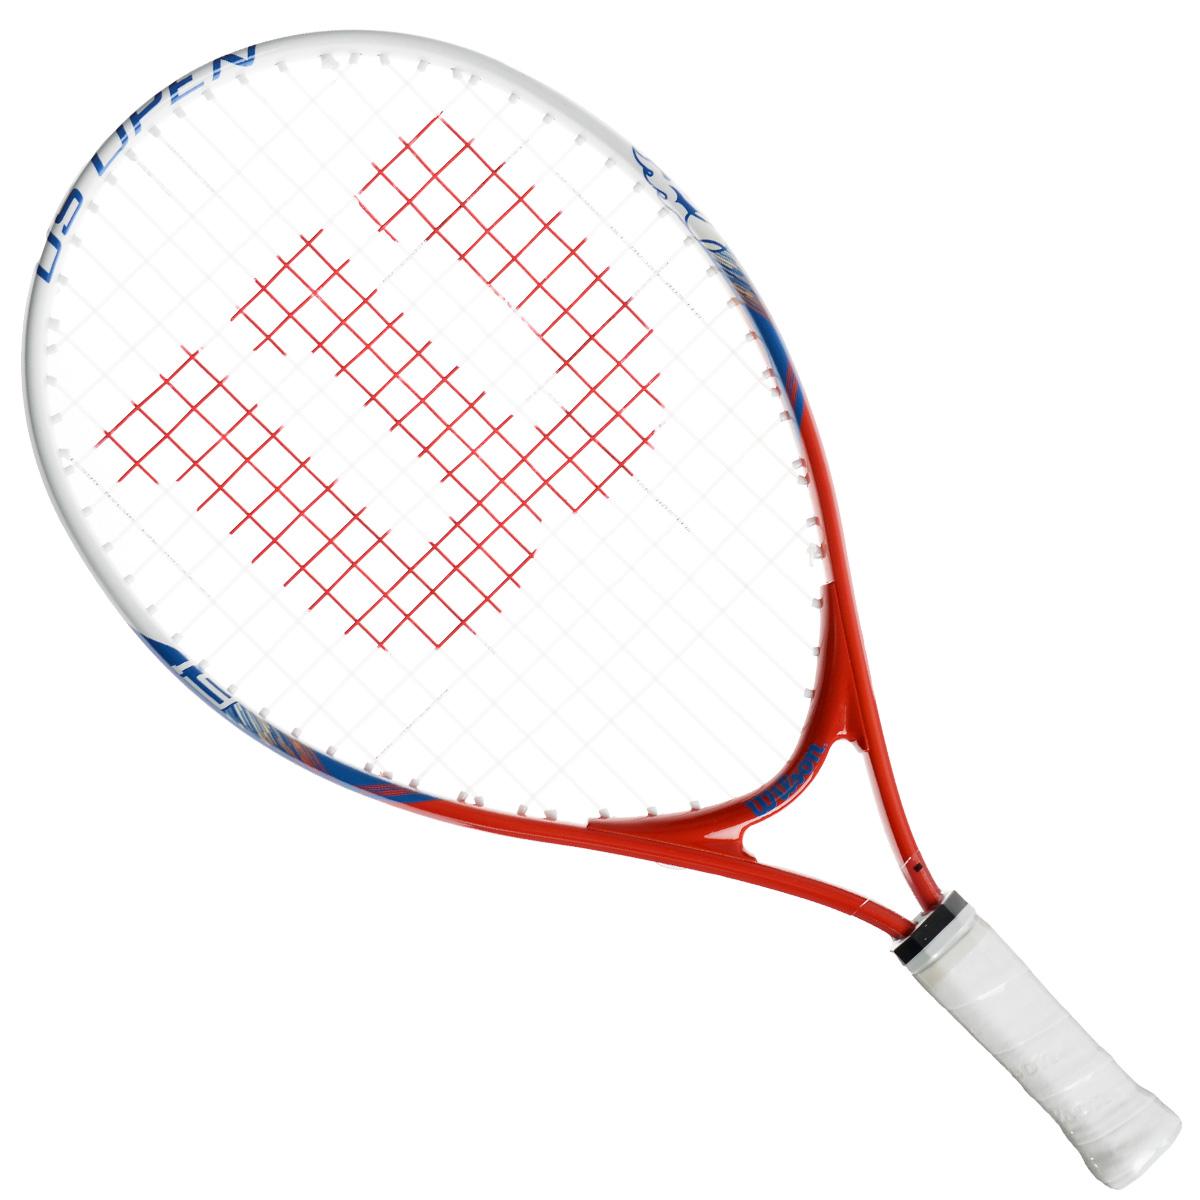 Ракетка детская Wilson US Open 19275368Детская теннисная ракетка Wilson US Open 19 отлично подойдет для начинающих спортсменов возрастом 2-4 года. Титановый сплав обеспечивает изделию дополнительную прочность. Ракетка имеет небольшой вес для более удобного замаха.